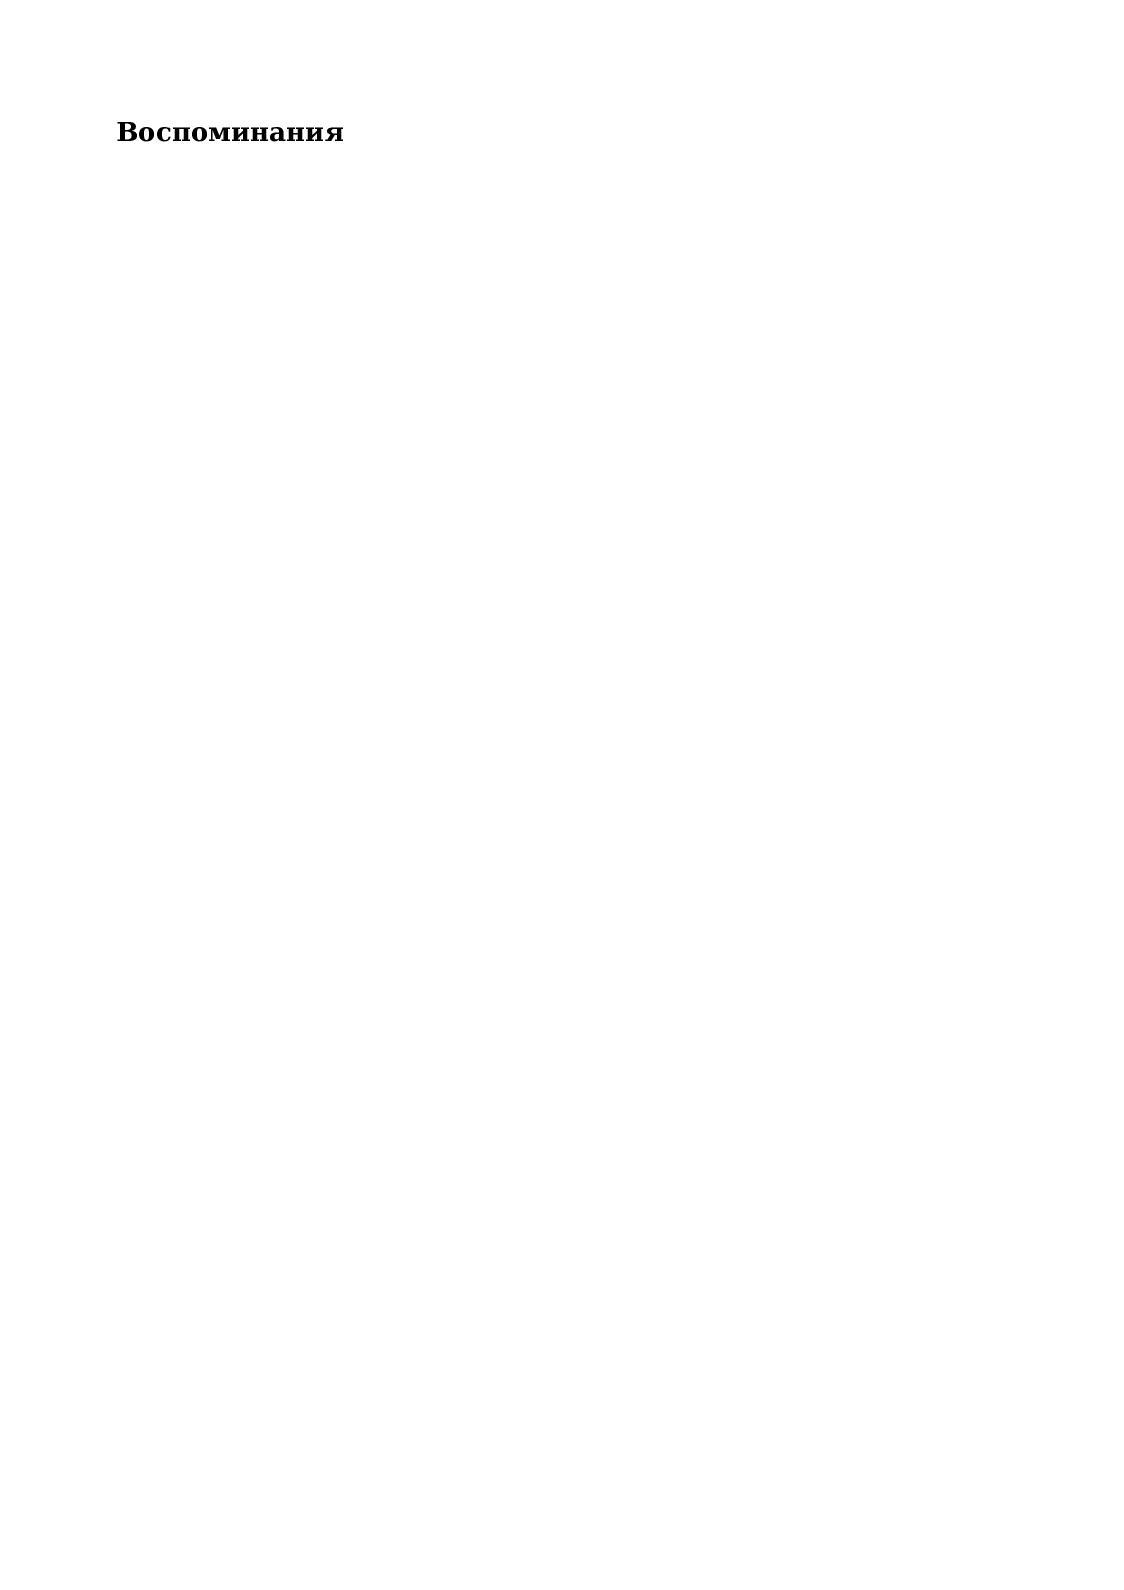 Голая Грудь Екатерины Никитиной – Тайны Дворцовых Переворотов. Россия, Век Xviii-Ый. Фильм 5. Вторая